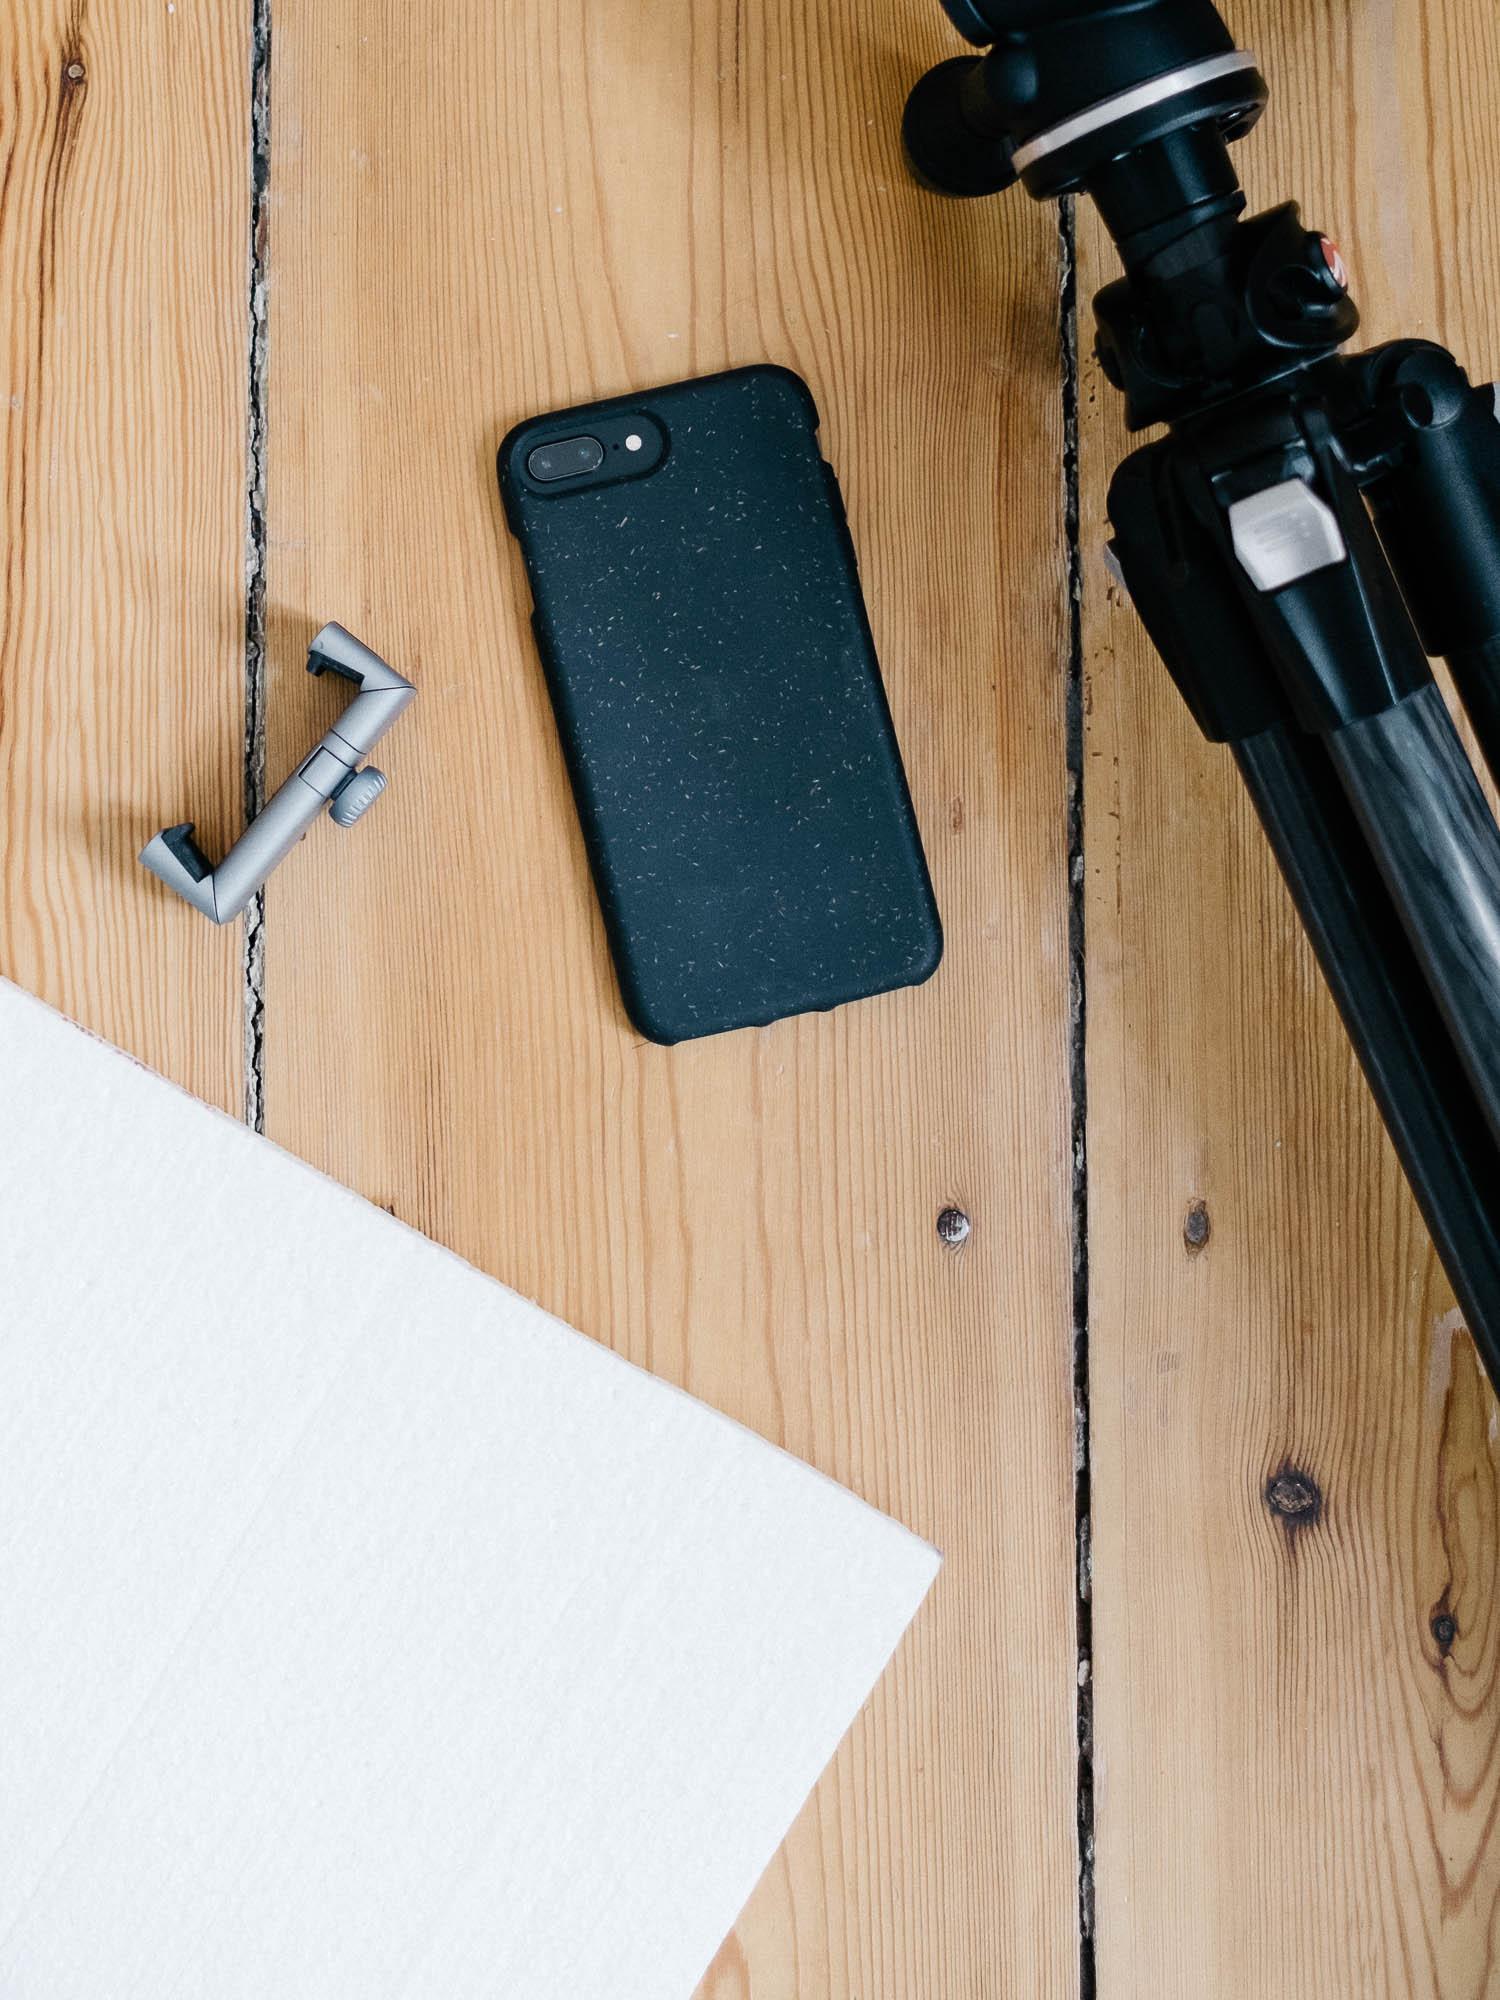 Smartphone Tools, die du für eine lange Belichtung benötigst